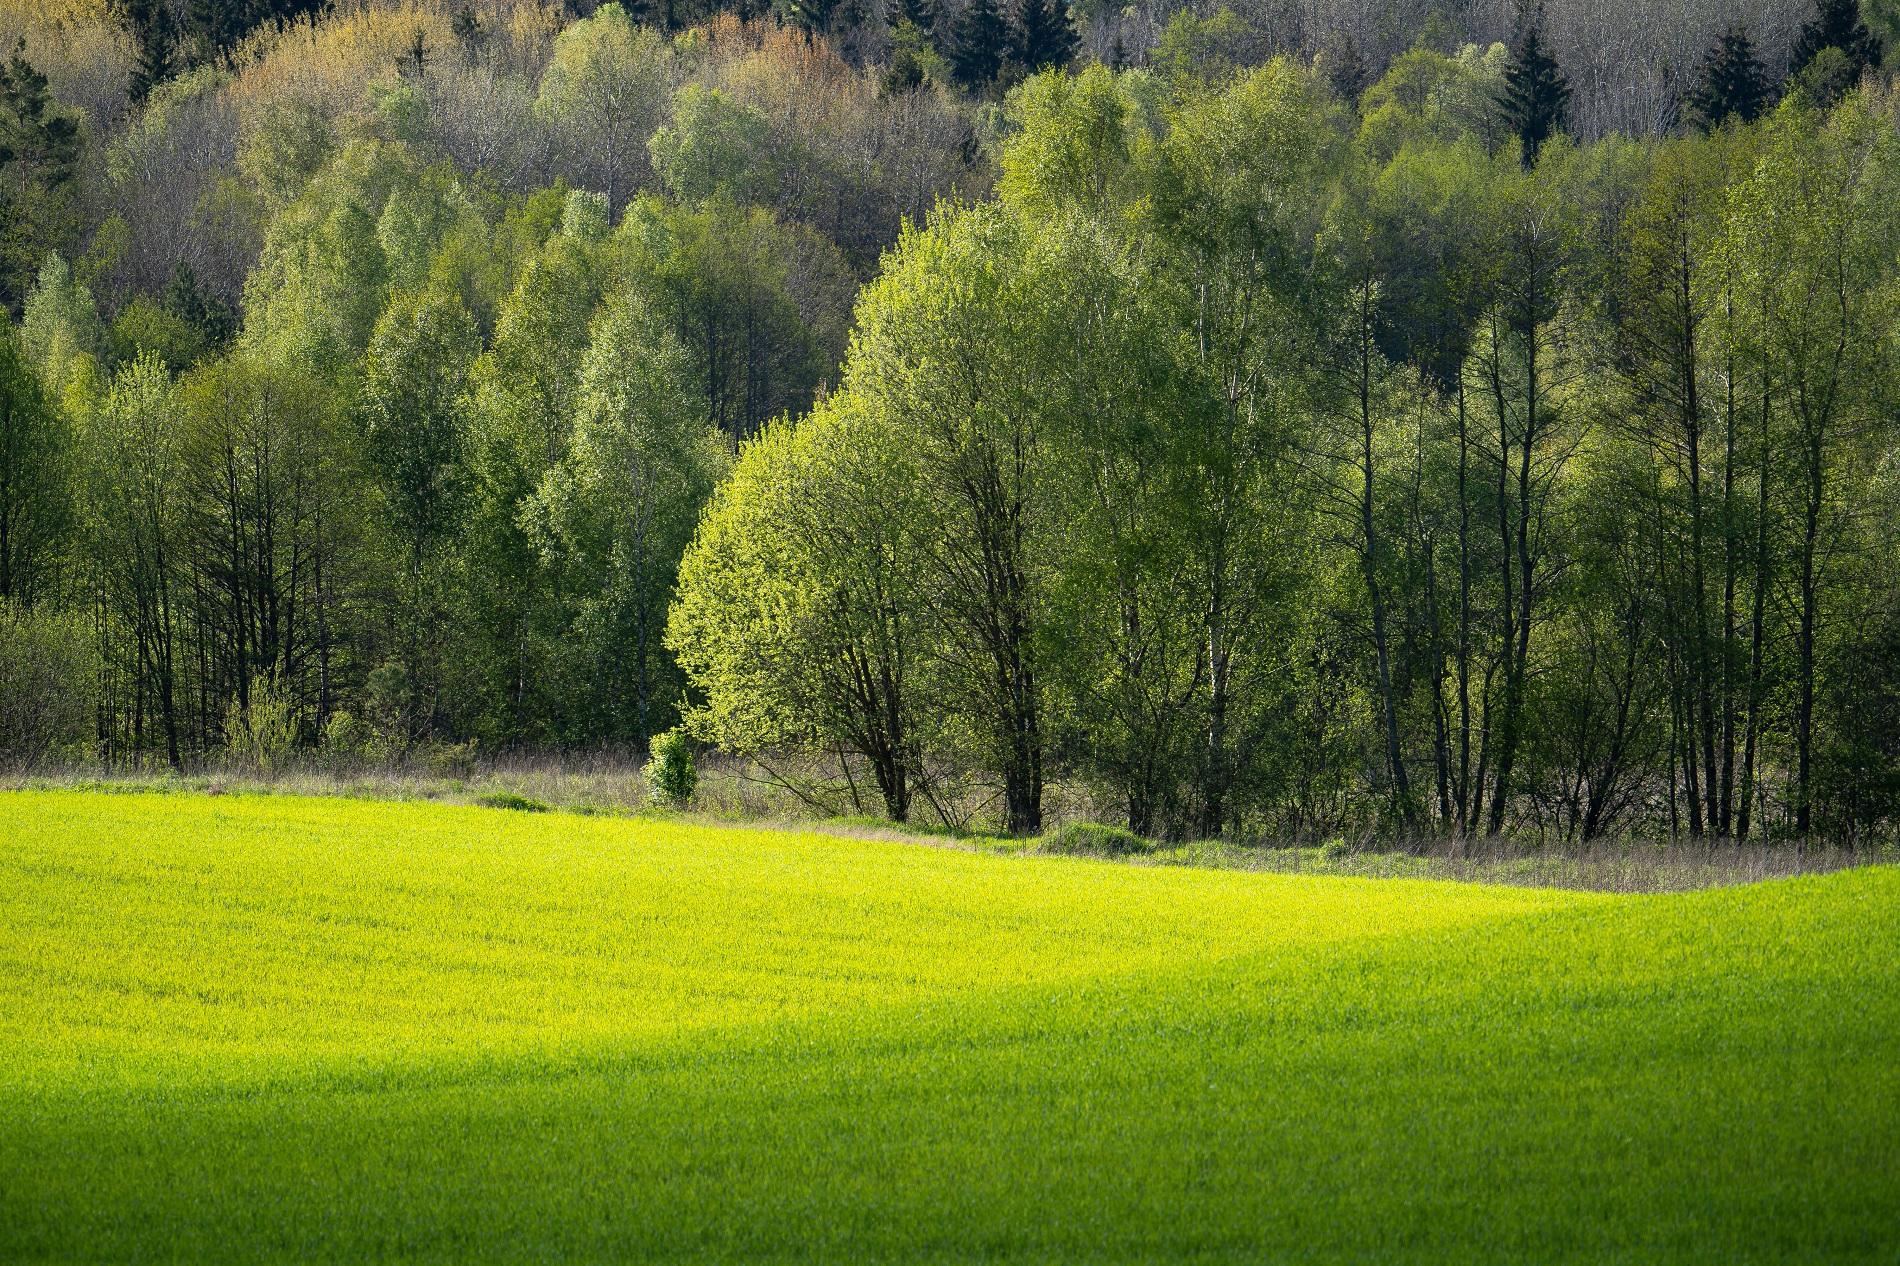 ¿Por qué es recomendable mantener arboledas próximas a tu parcela agrícola?